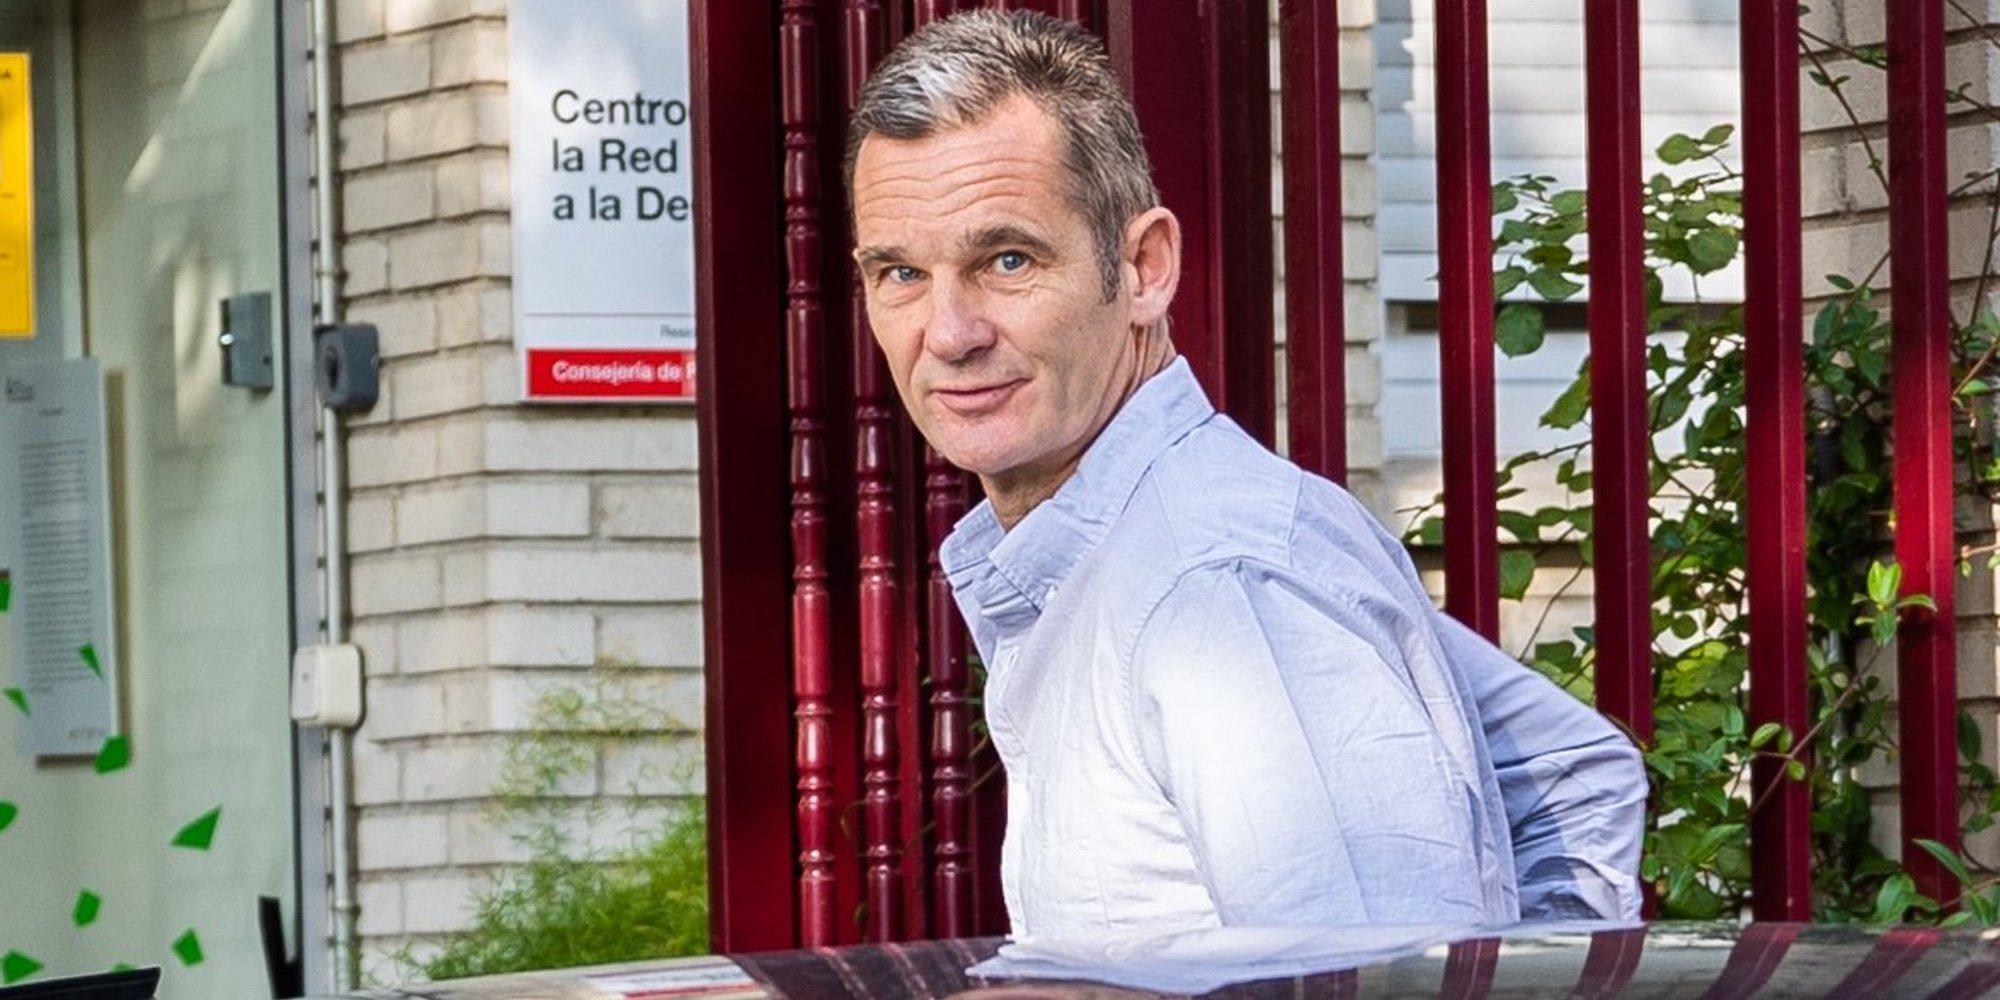 La Físcalía solicita que se revoque el permiso de salida de Iñaki Urdangarin para hacer voluntariado